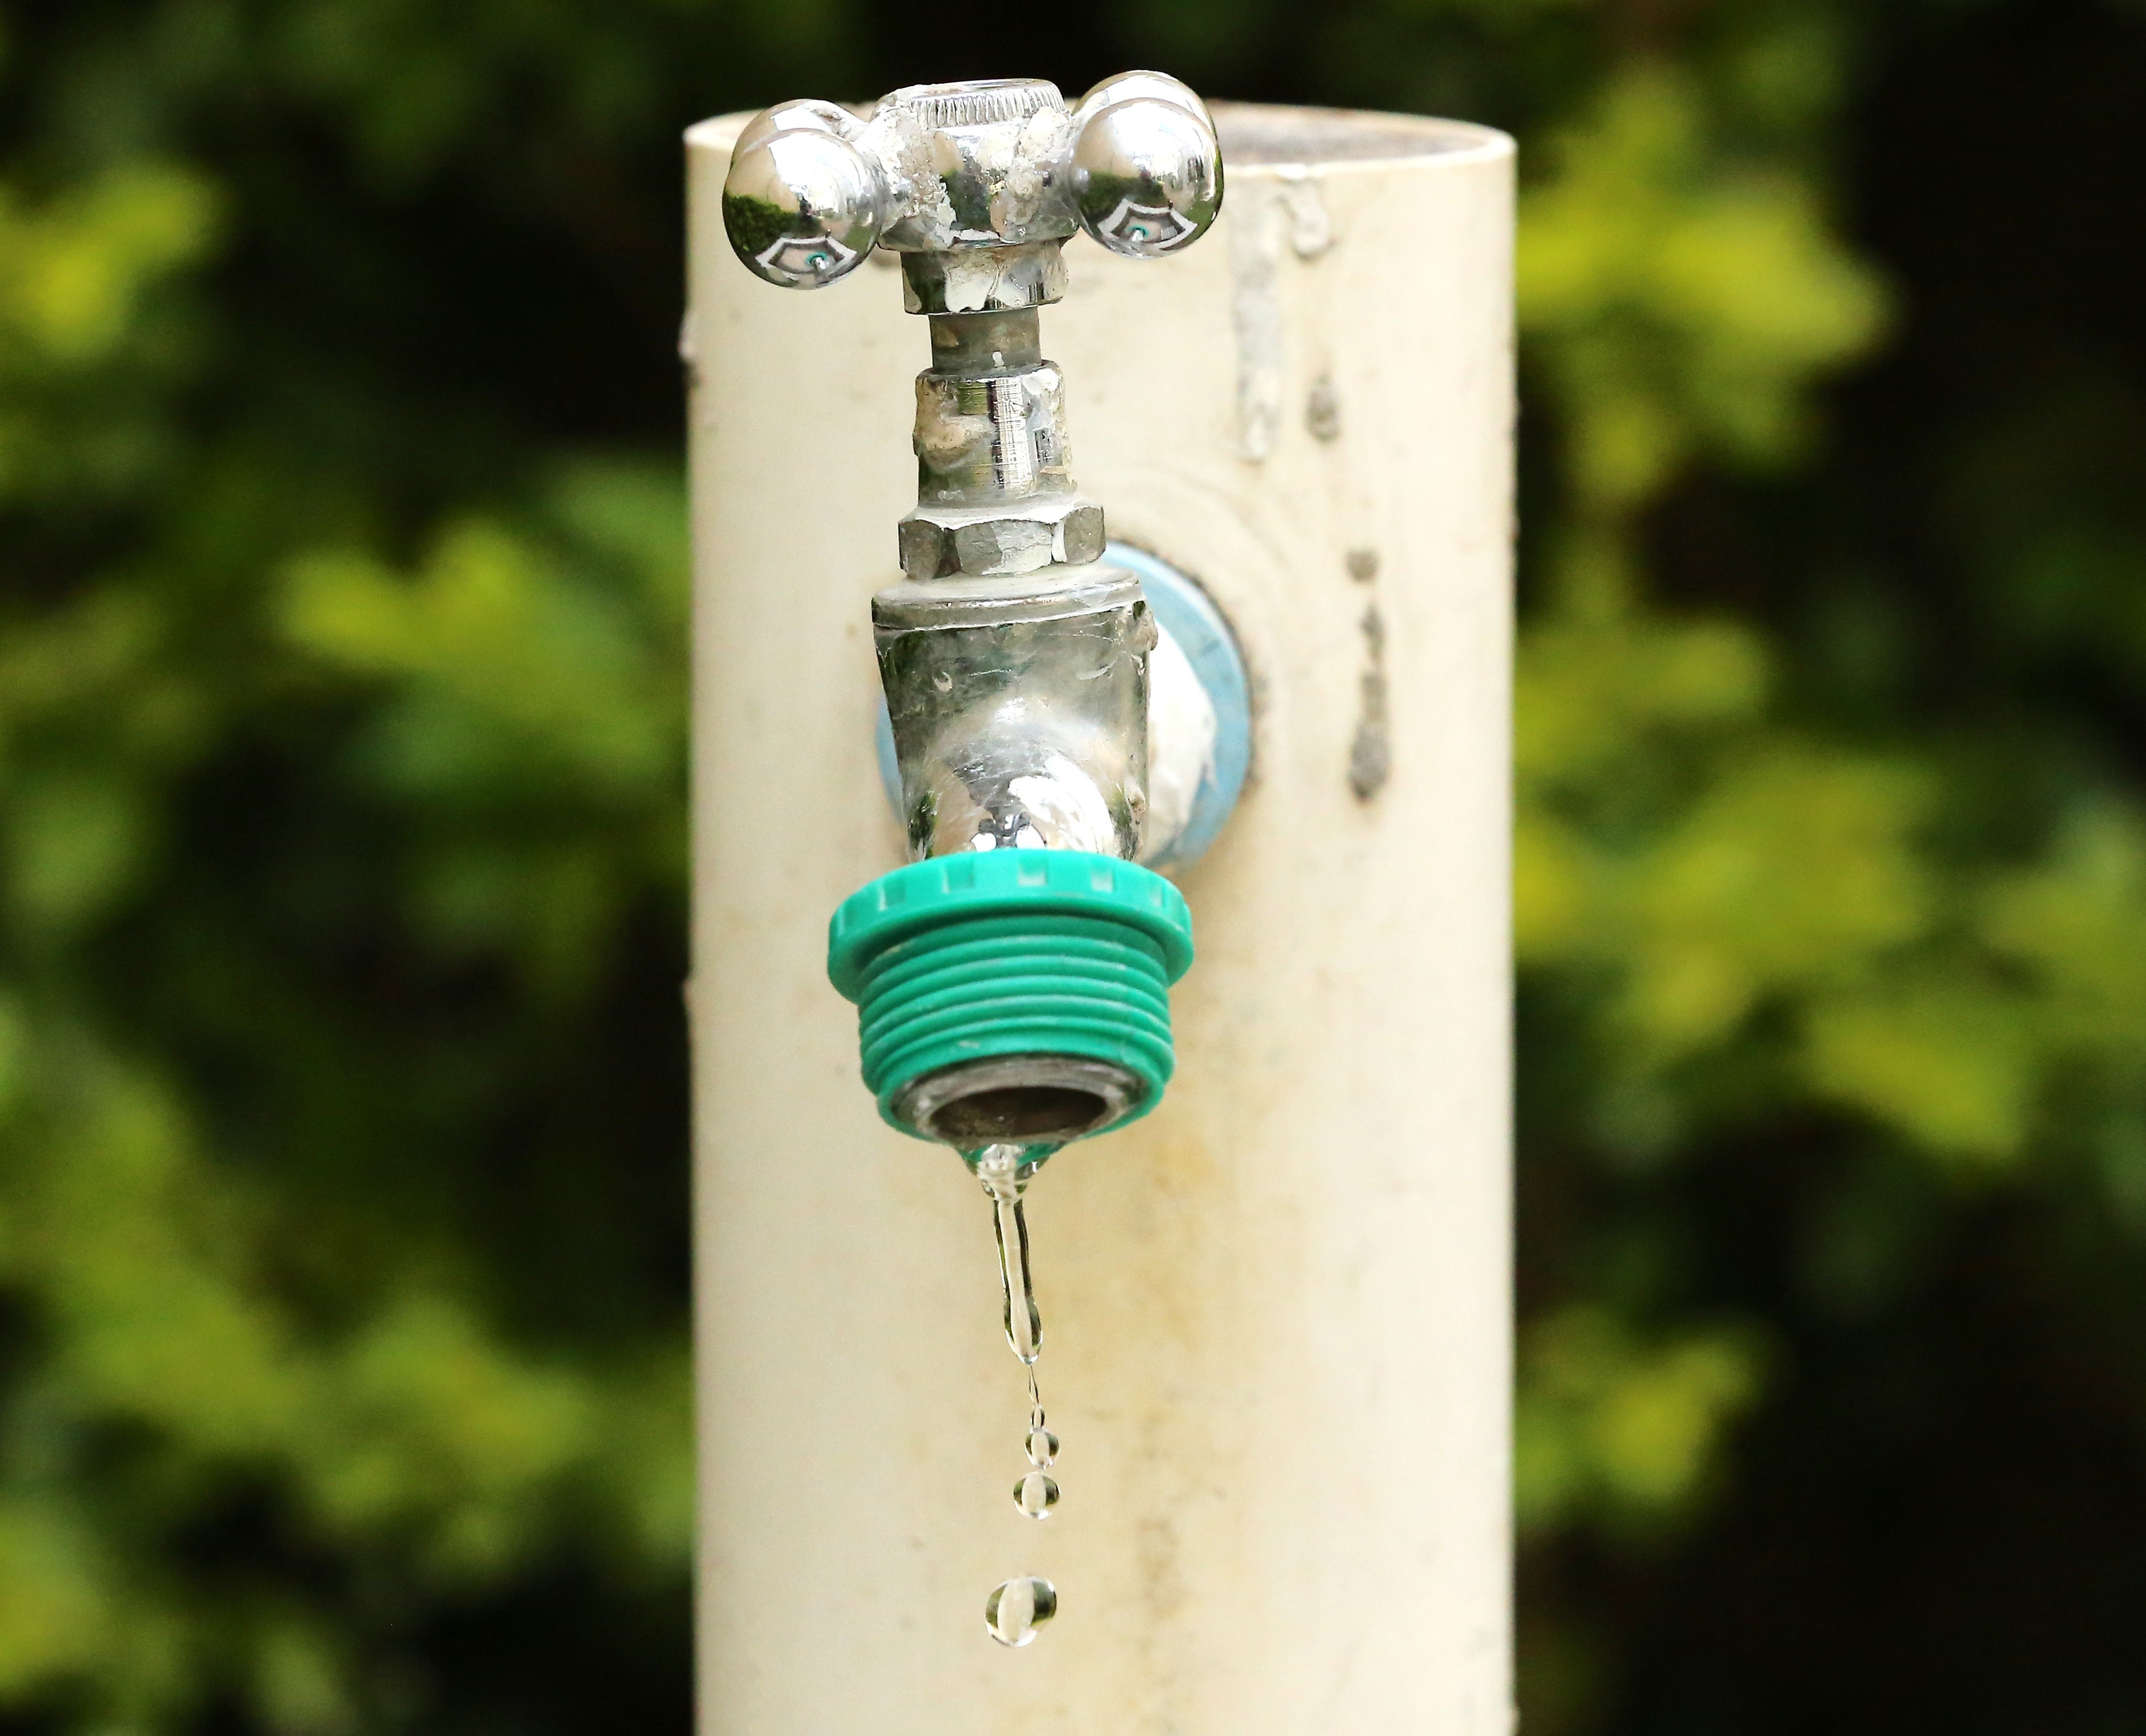 Centro de Ponta Grossa e outros bairros podem ficar sem água na terça (27), diz Sanepar